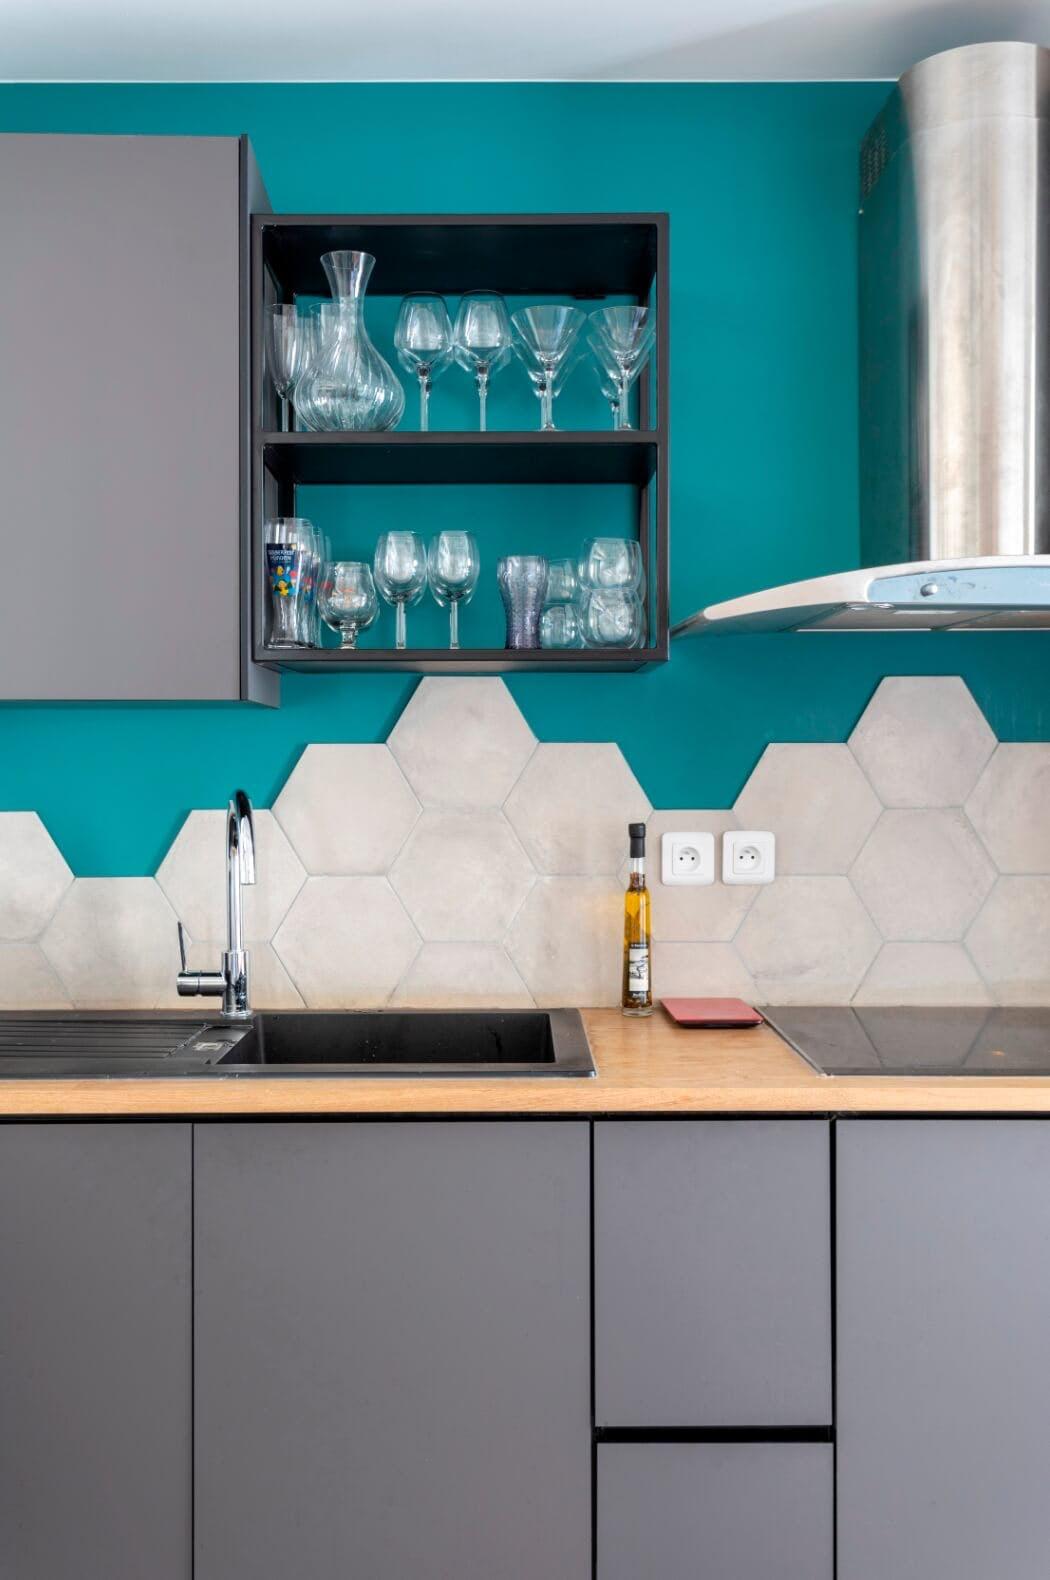 Focus sur les meubles de cette cuisine haut de gamme  bleue et grise totalement rénovée